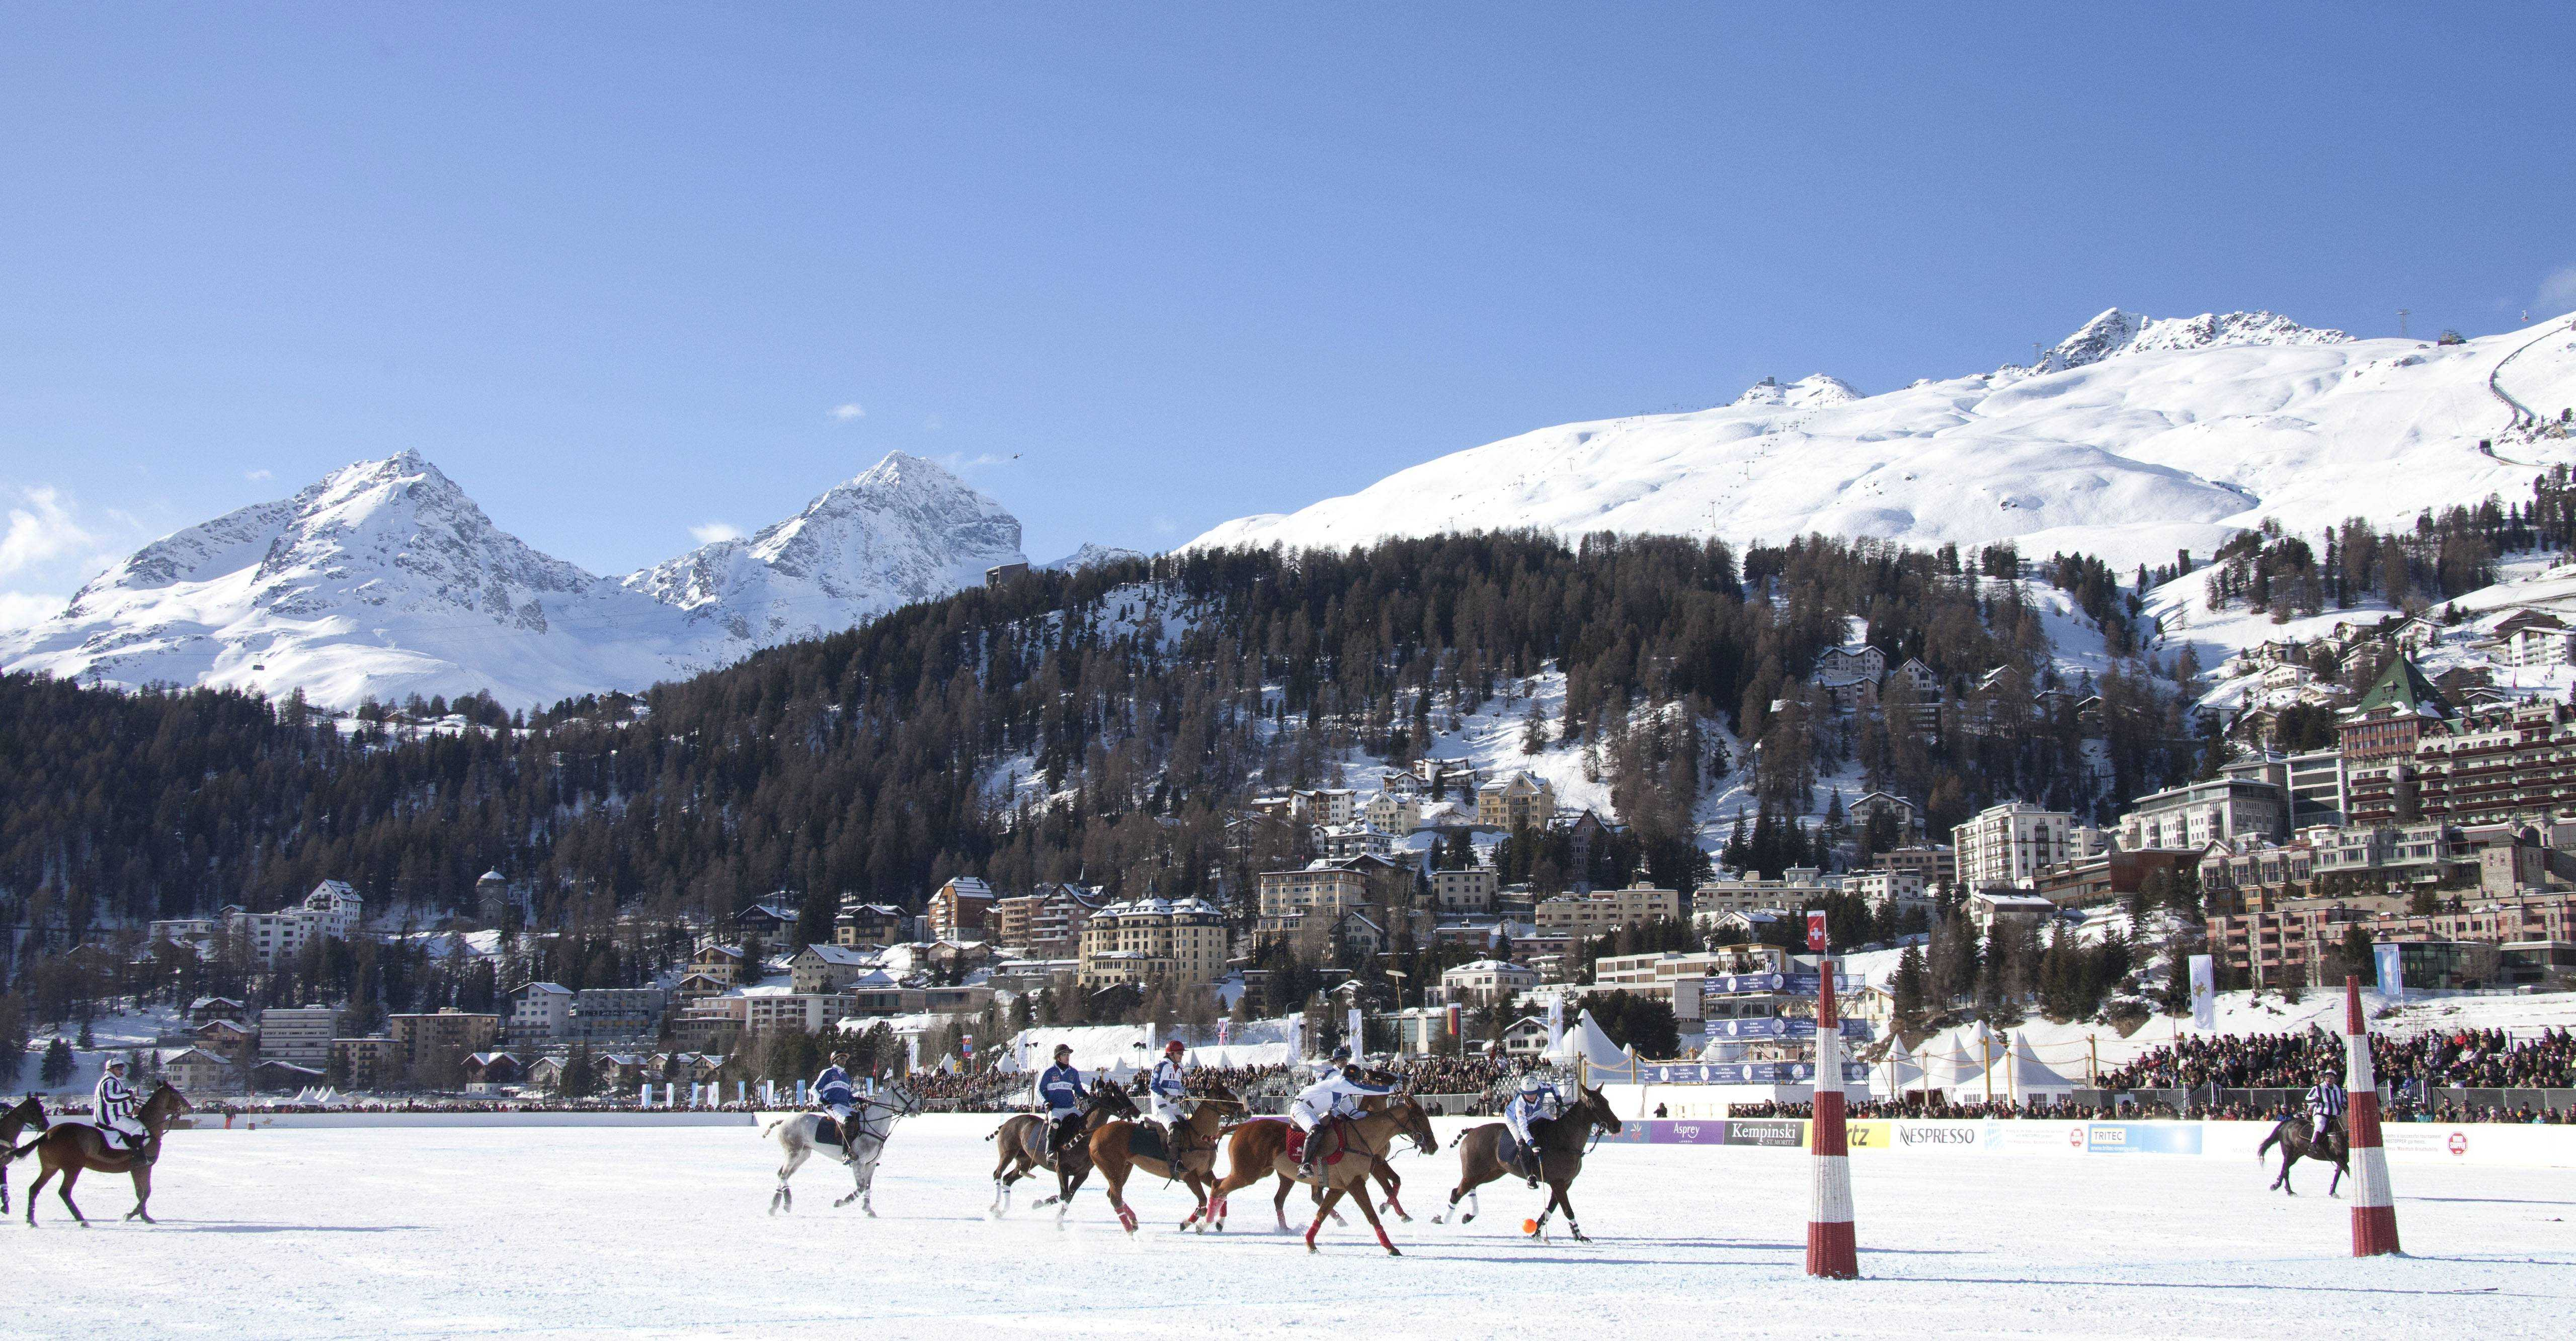 ENGADIN St. Moritz: Polo World Cup